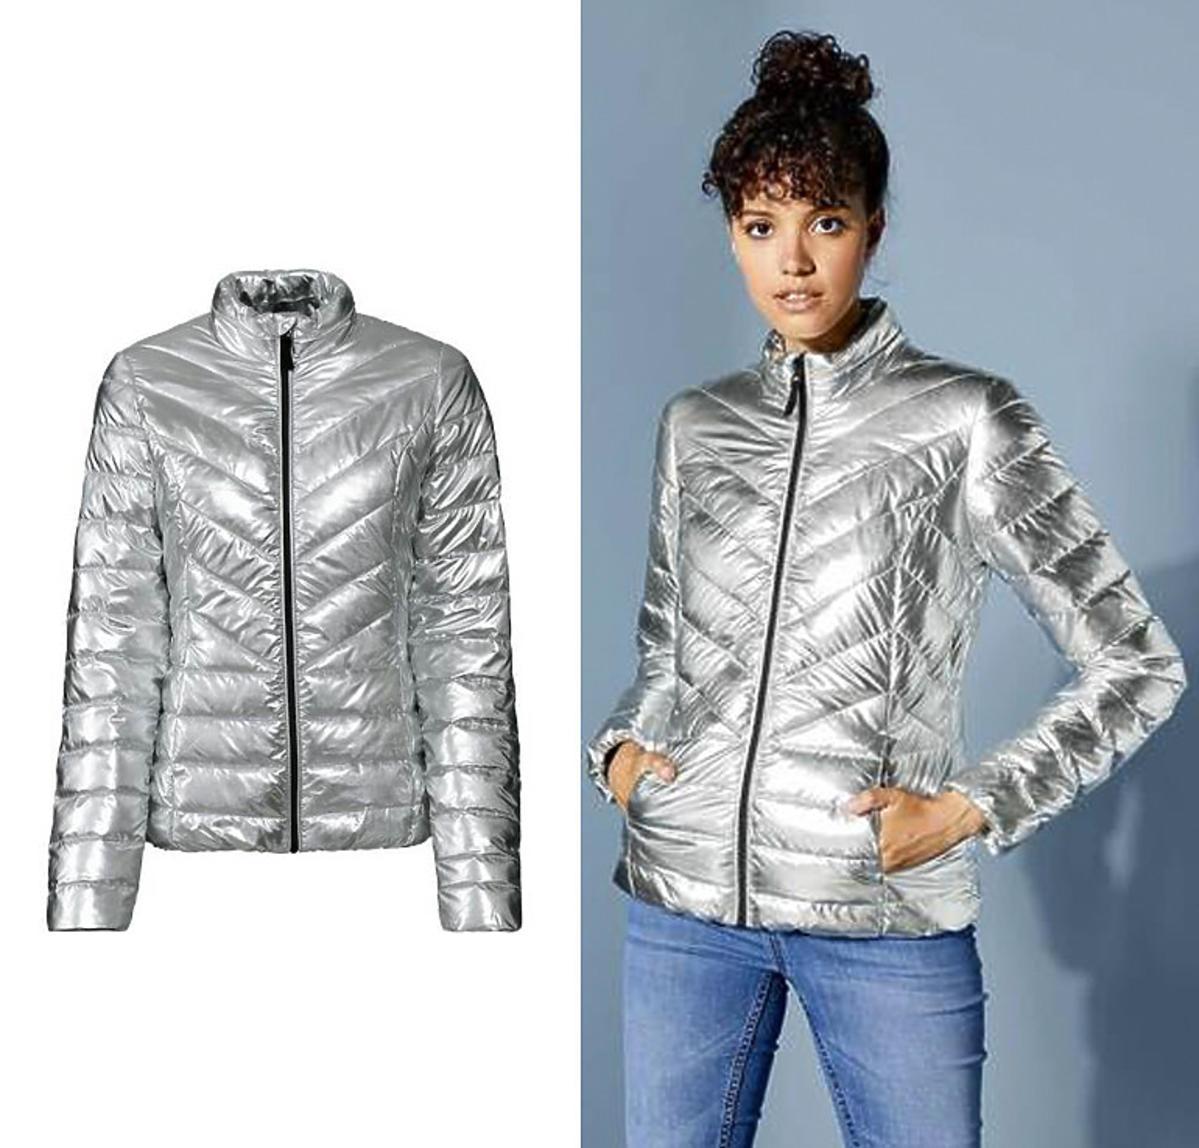 Moda jesień 2020. Lidl sprzedaje kurtkę za 50 złotych, która wygląda identycznie jak ta z Reserved